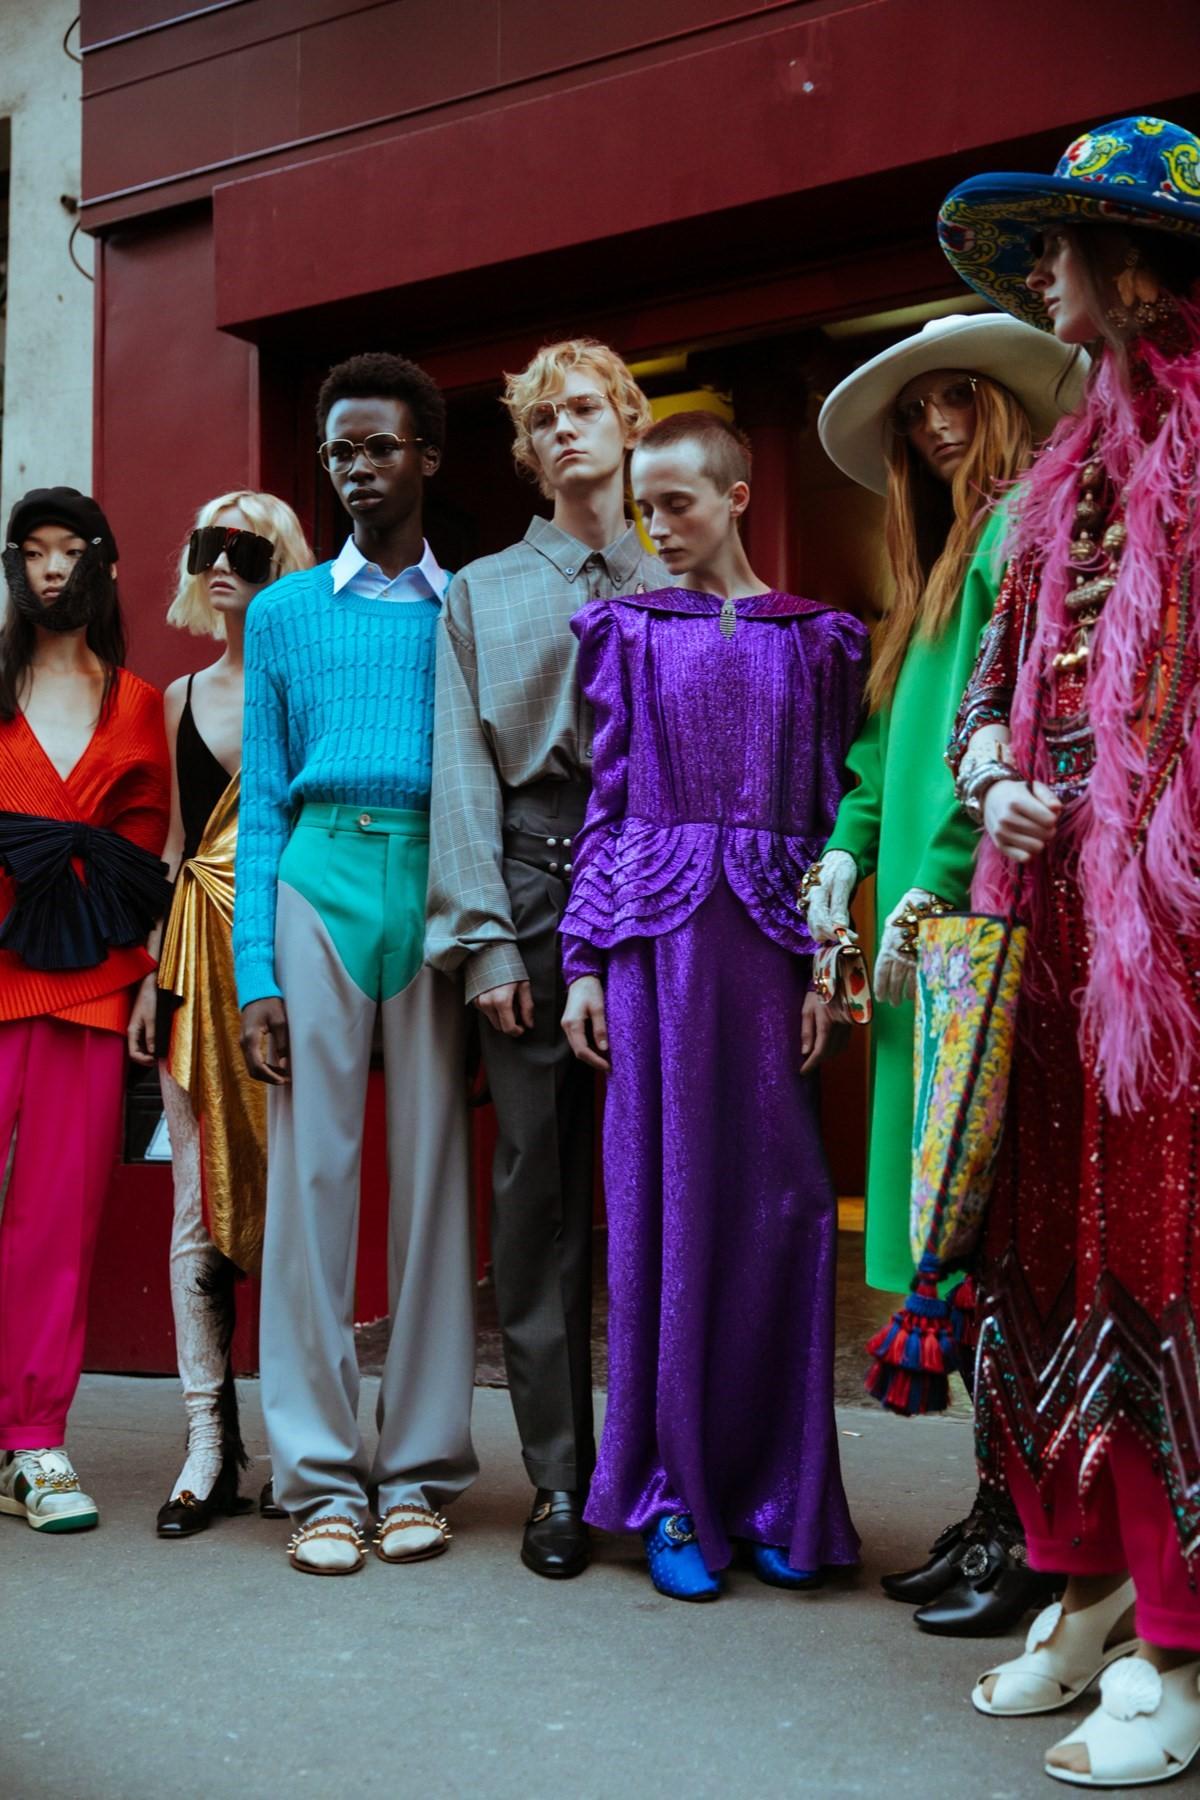 blogs de moda de Gucci aturdidos - Gucci - La marca de moda más buscada